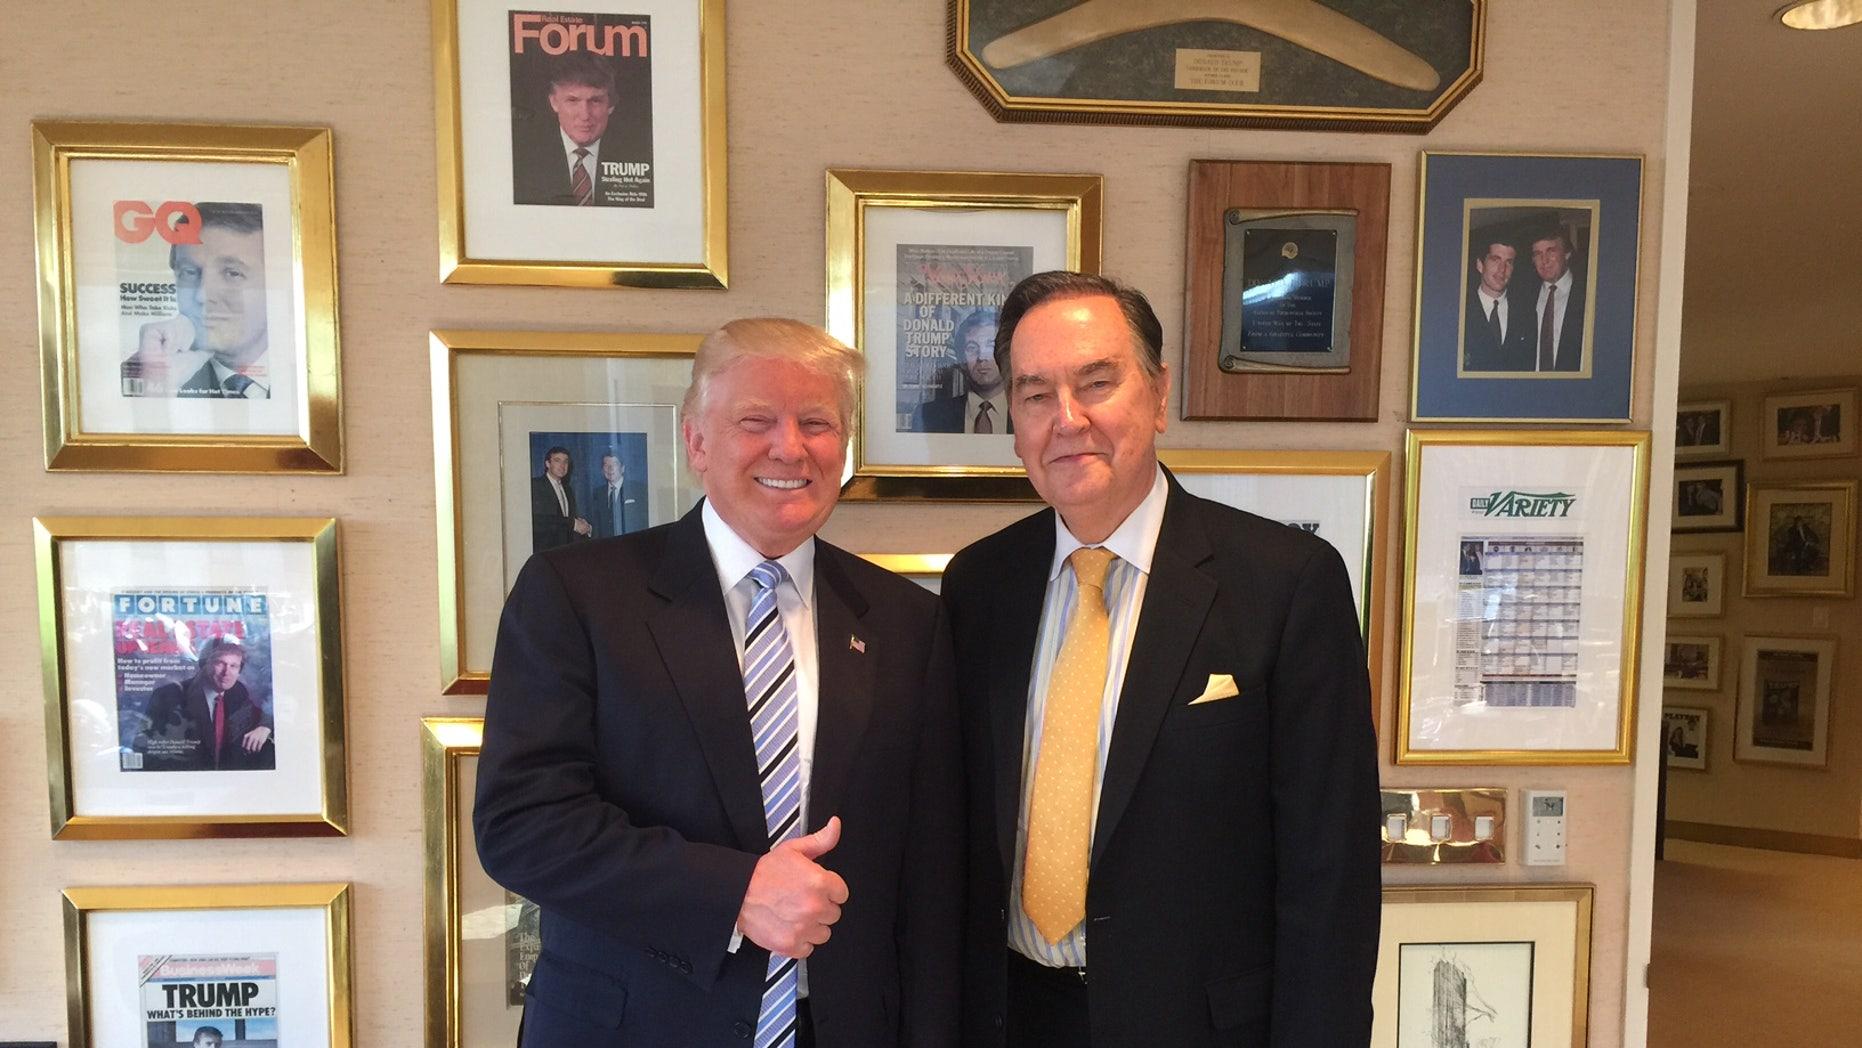 Donald Trump and Cal Thomas